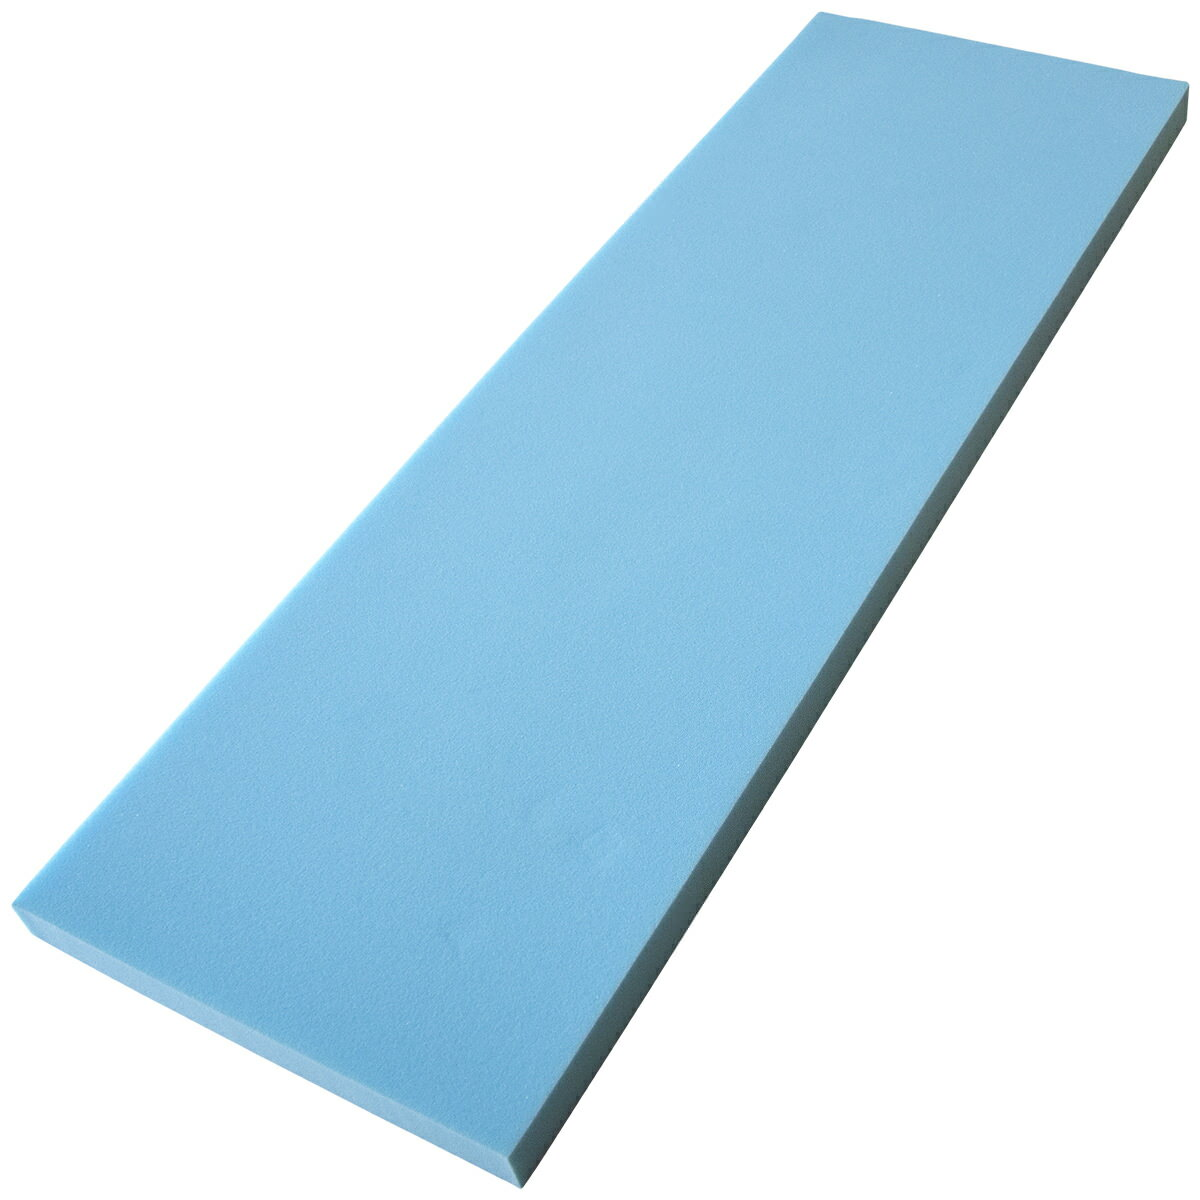 ウレタンフォーム 53×160×6cm 薄青または灰色 日焼け有り※お客様からご指摘があり追記しました